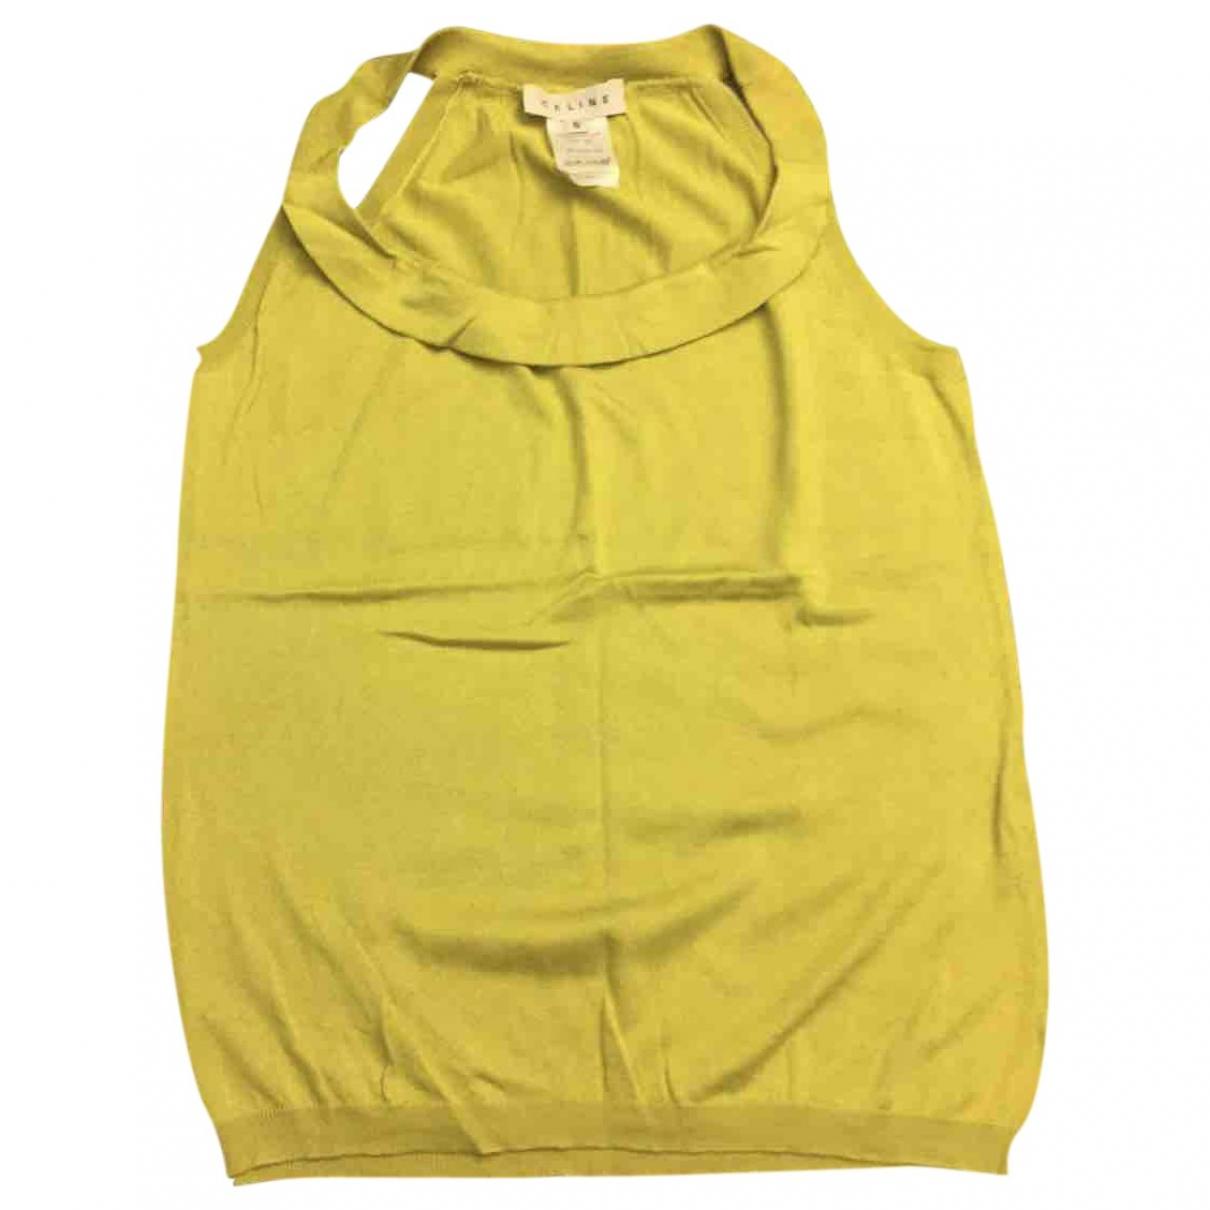 Celine - Top   pour femme en soie - jaune